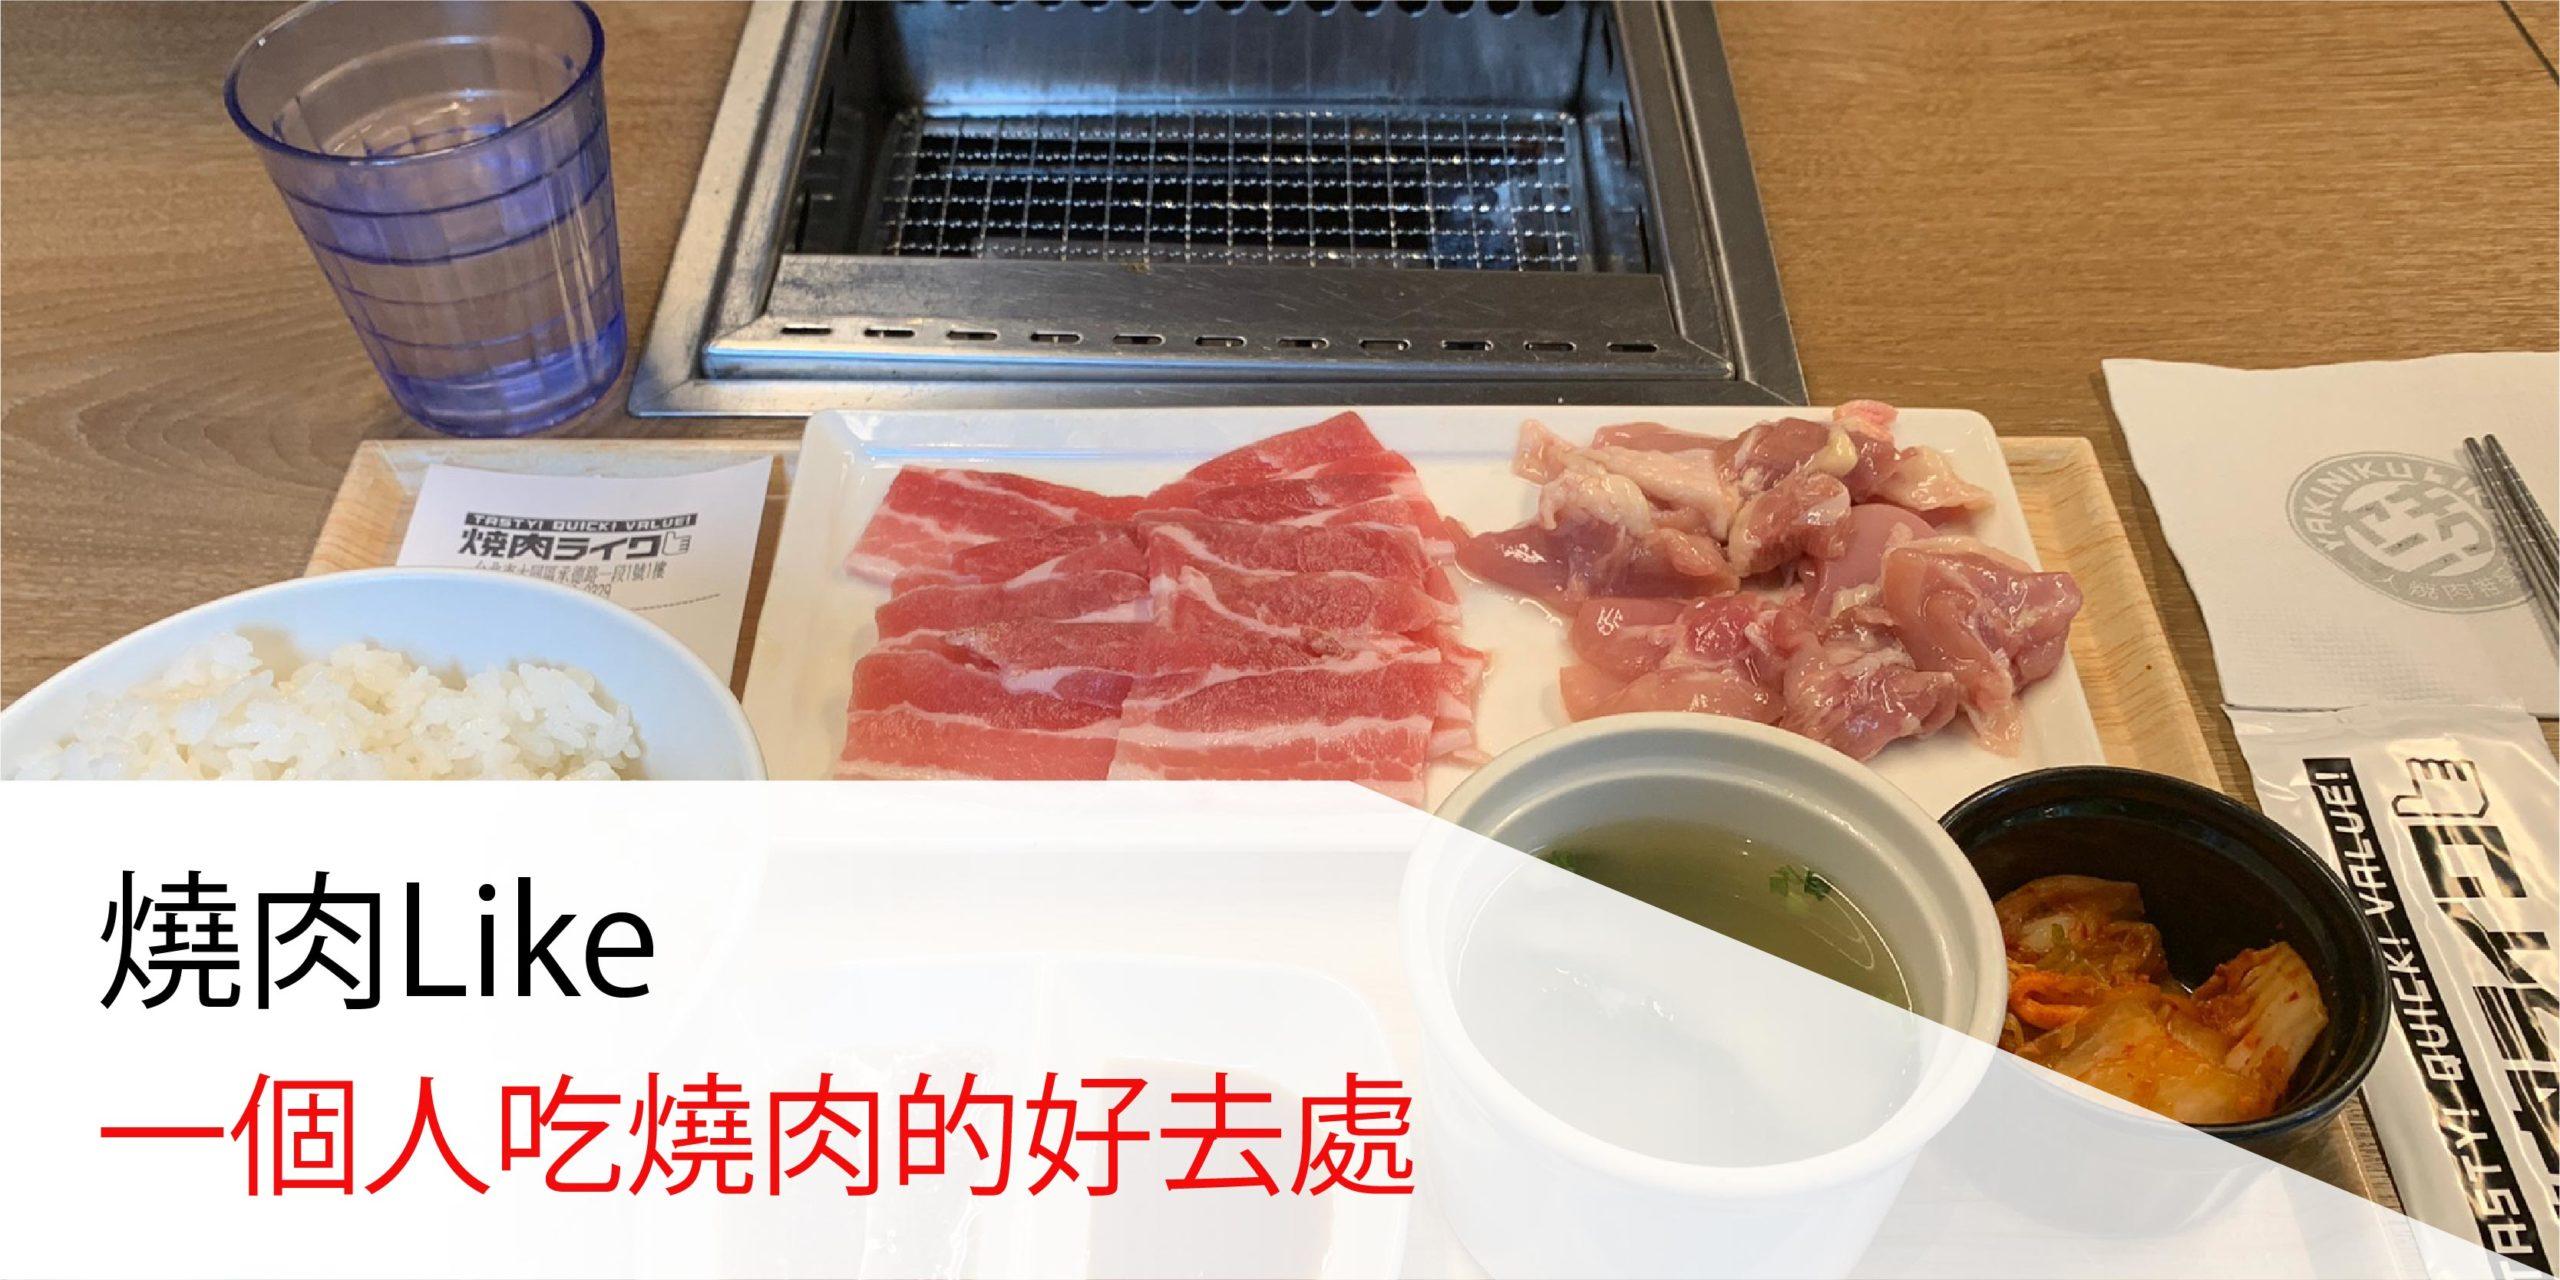 台北美食-燒肉Like 一個人吃燒肉的好去處